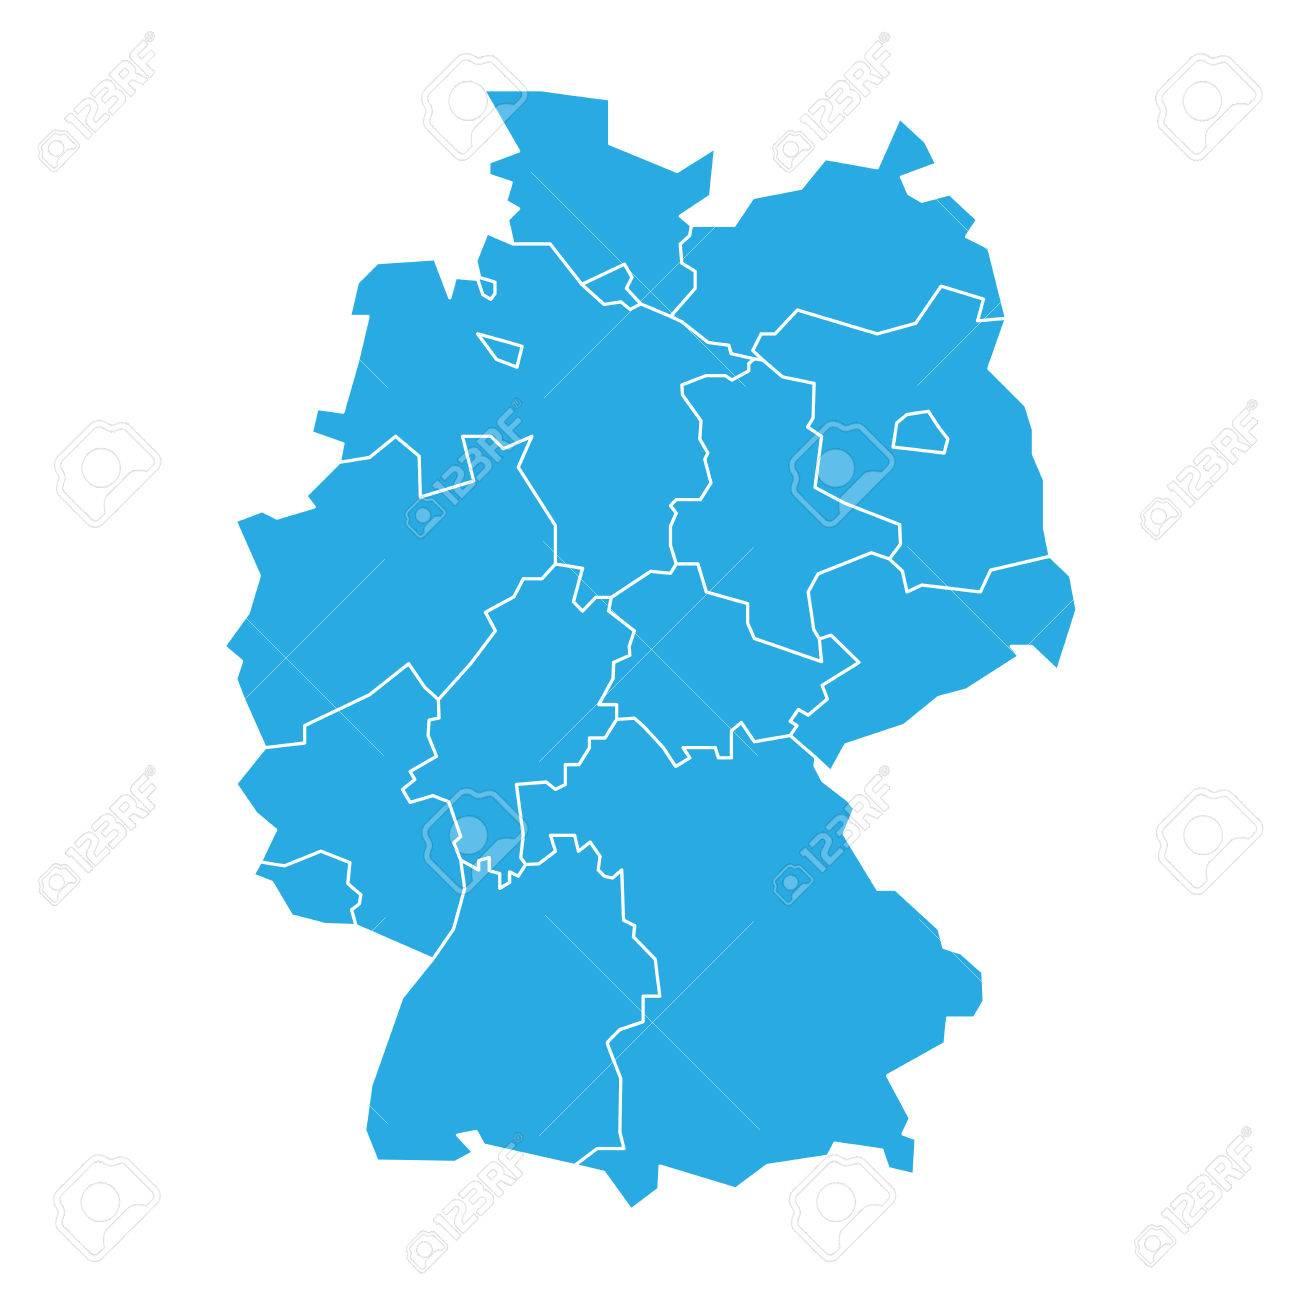 Carte Allemagne Simple.Carte De L Allemagne Consacree A 13 Etats Federaux Et 3 Villes Etats Berlin Breme Et Hambourg Silhouette De Carte Vectorielle Bleue Plate Simple